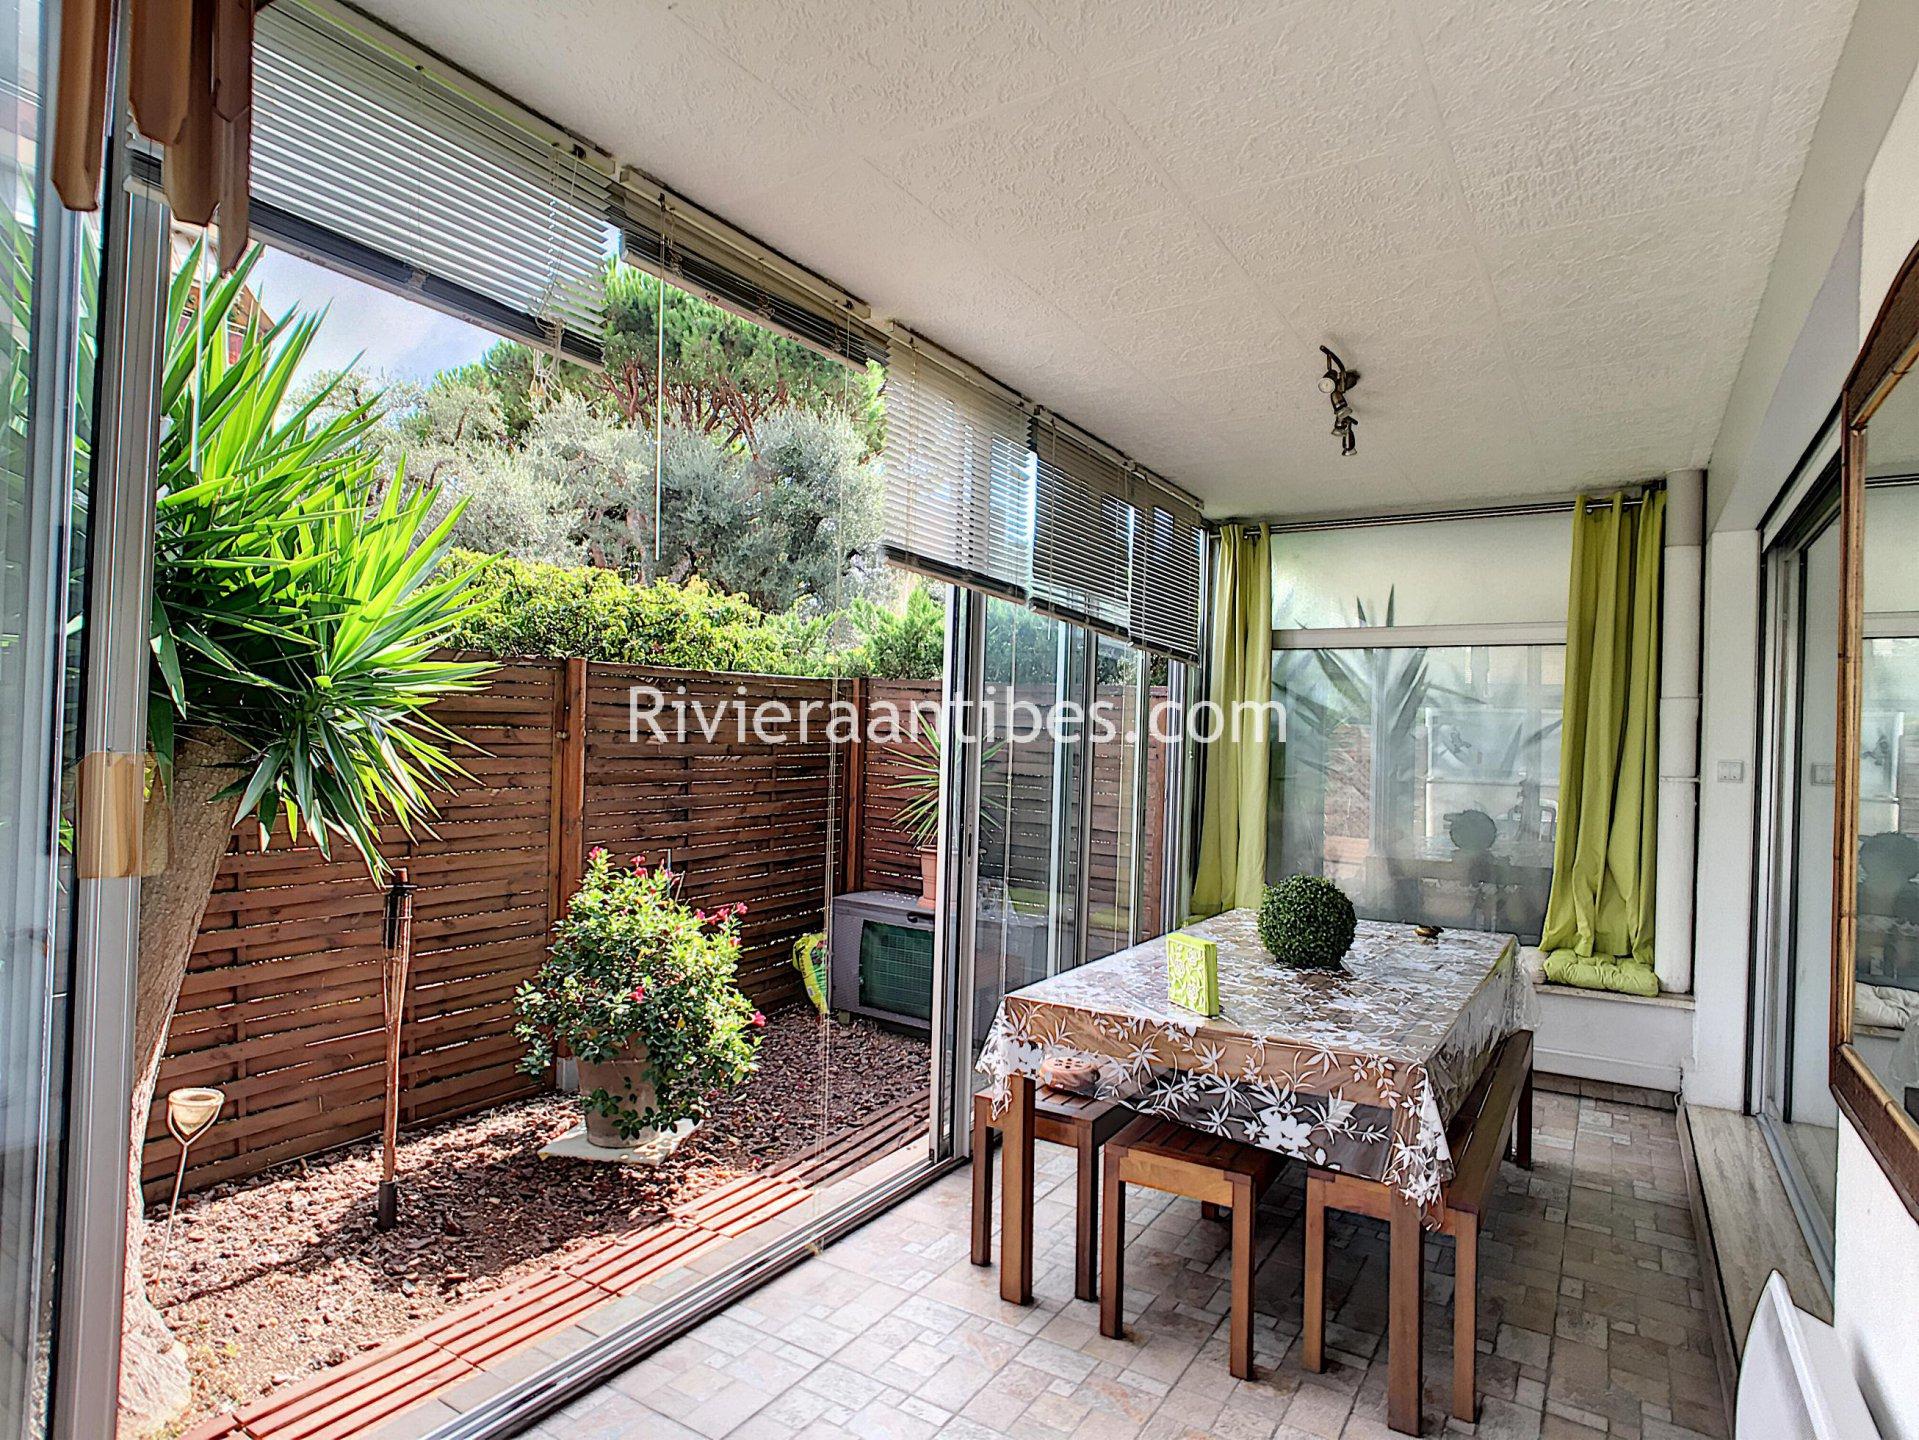 Vente Appartement 2 Pièces Antibes Rez De Jardin Résidence ... concernant Location Rez De Jardin Antibes